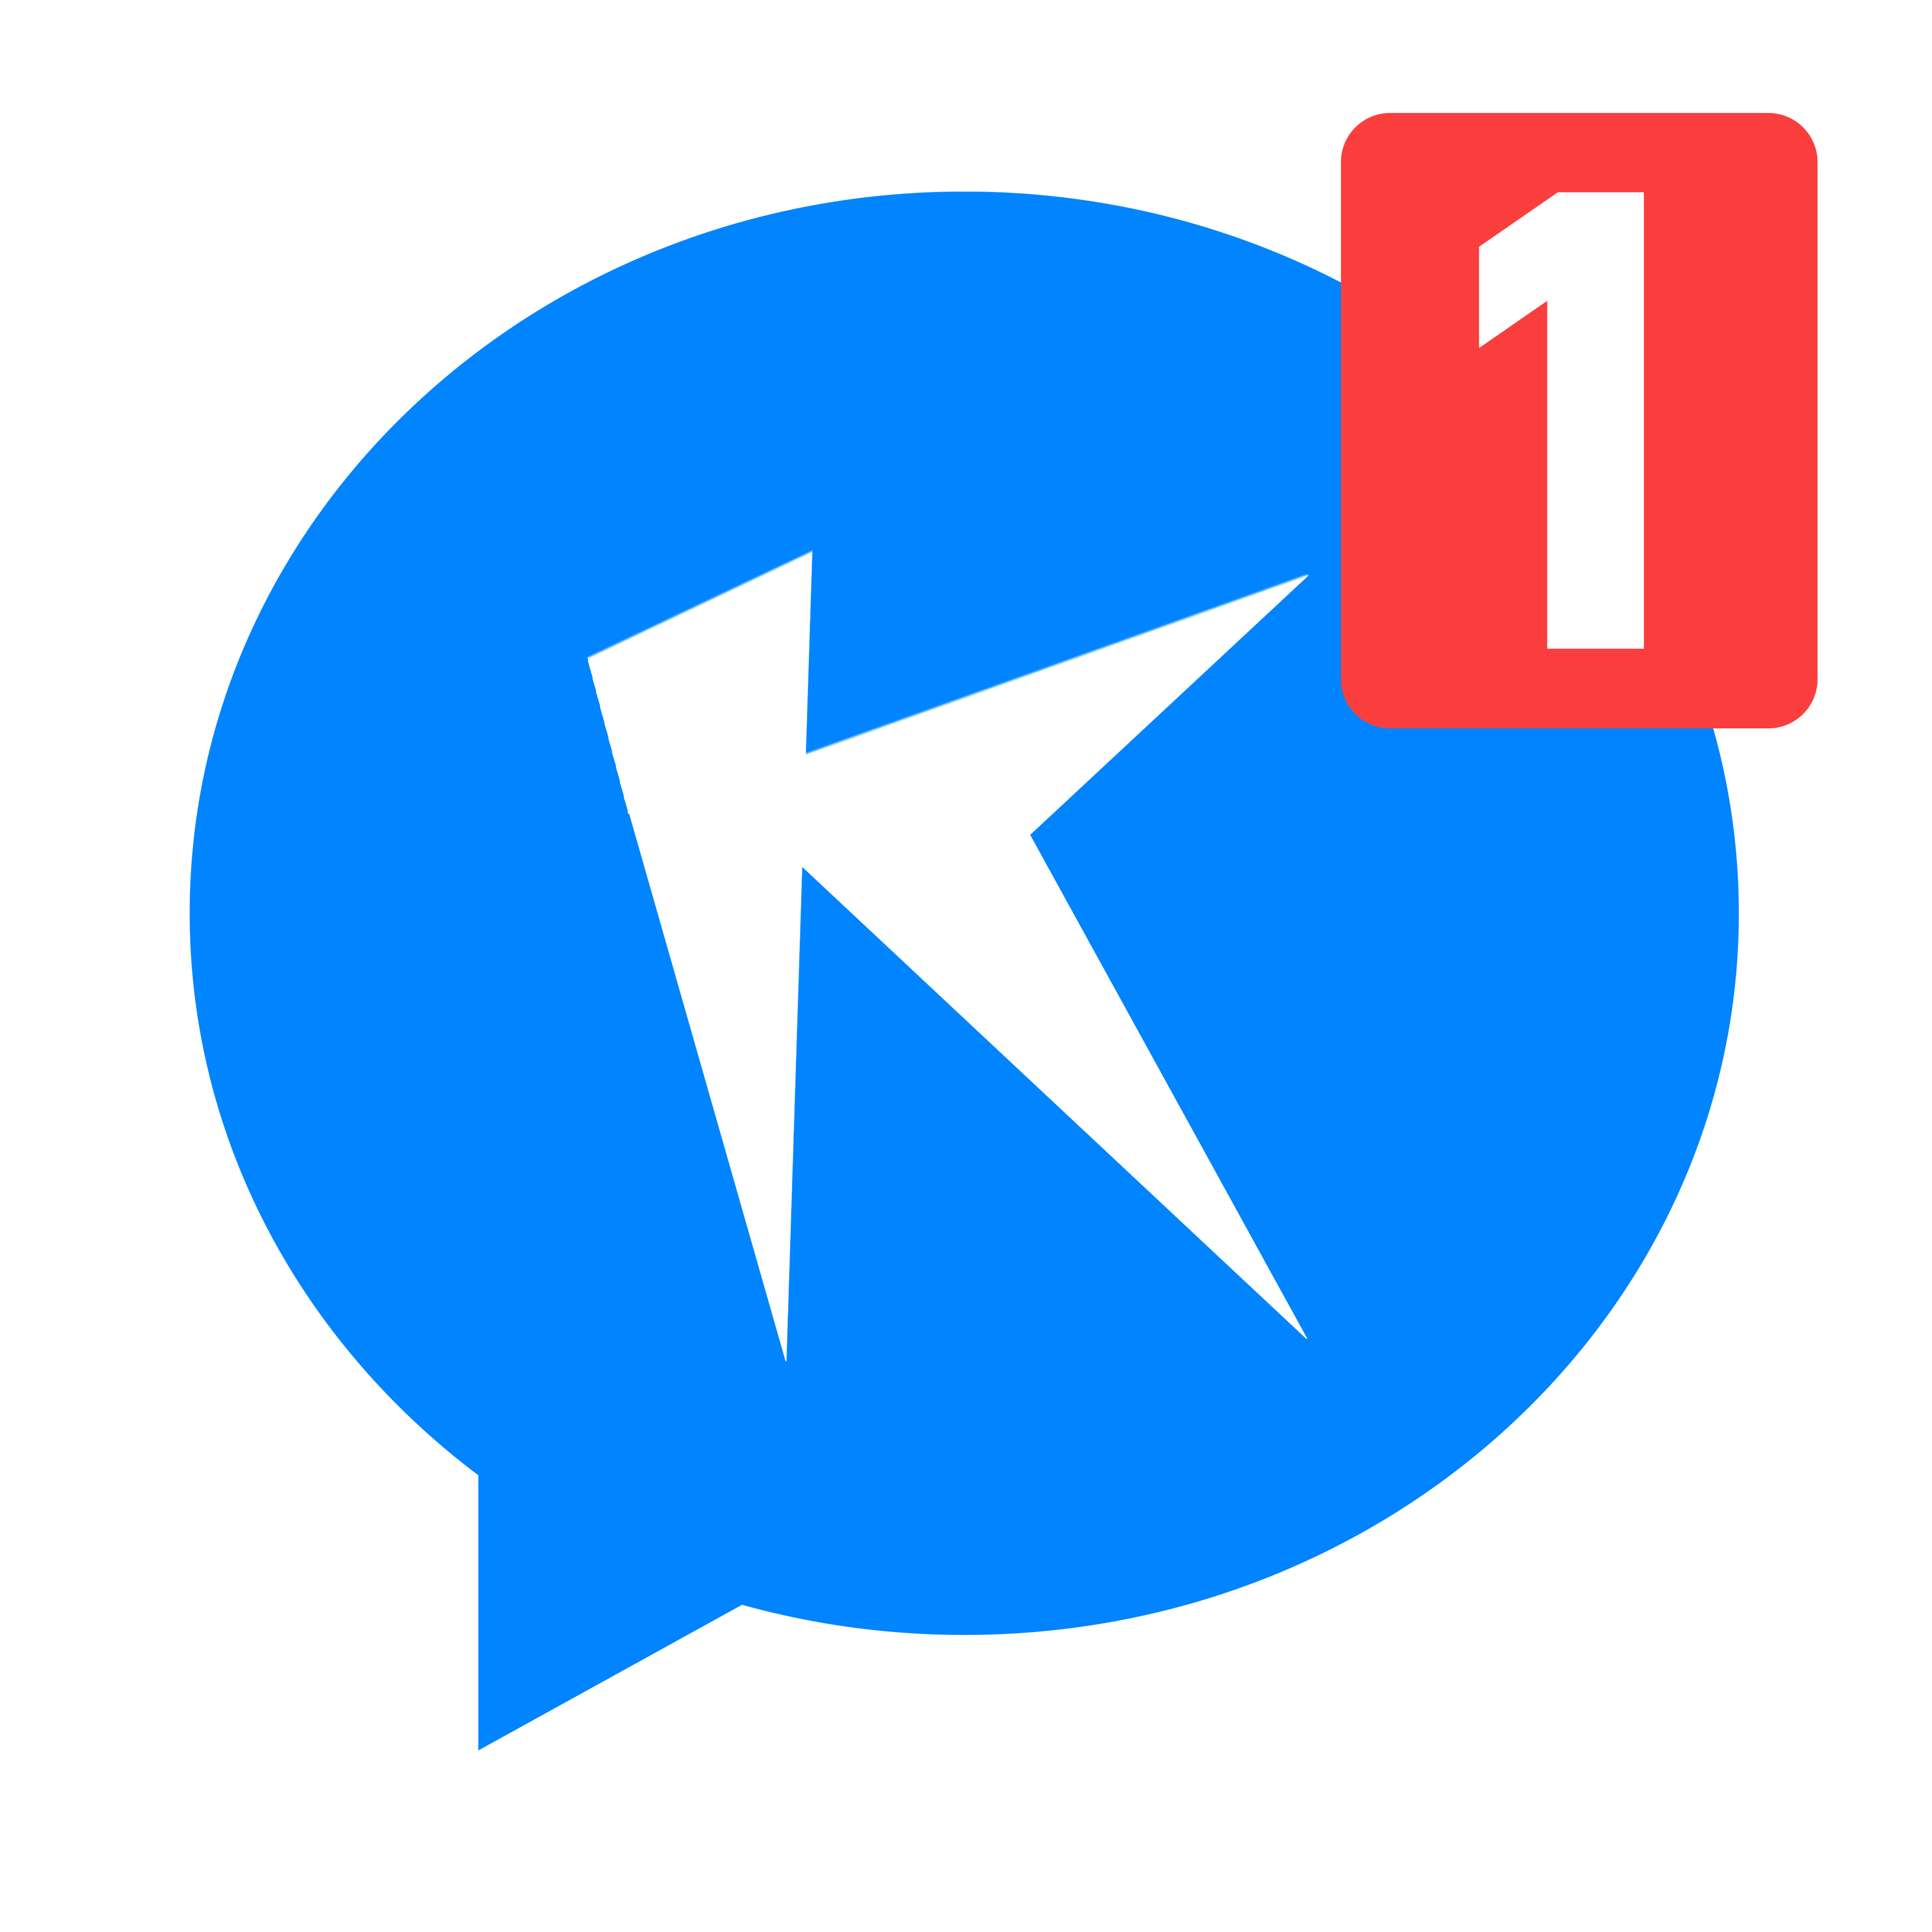 k1_alpha.png